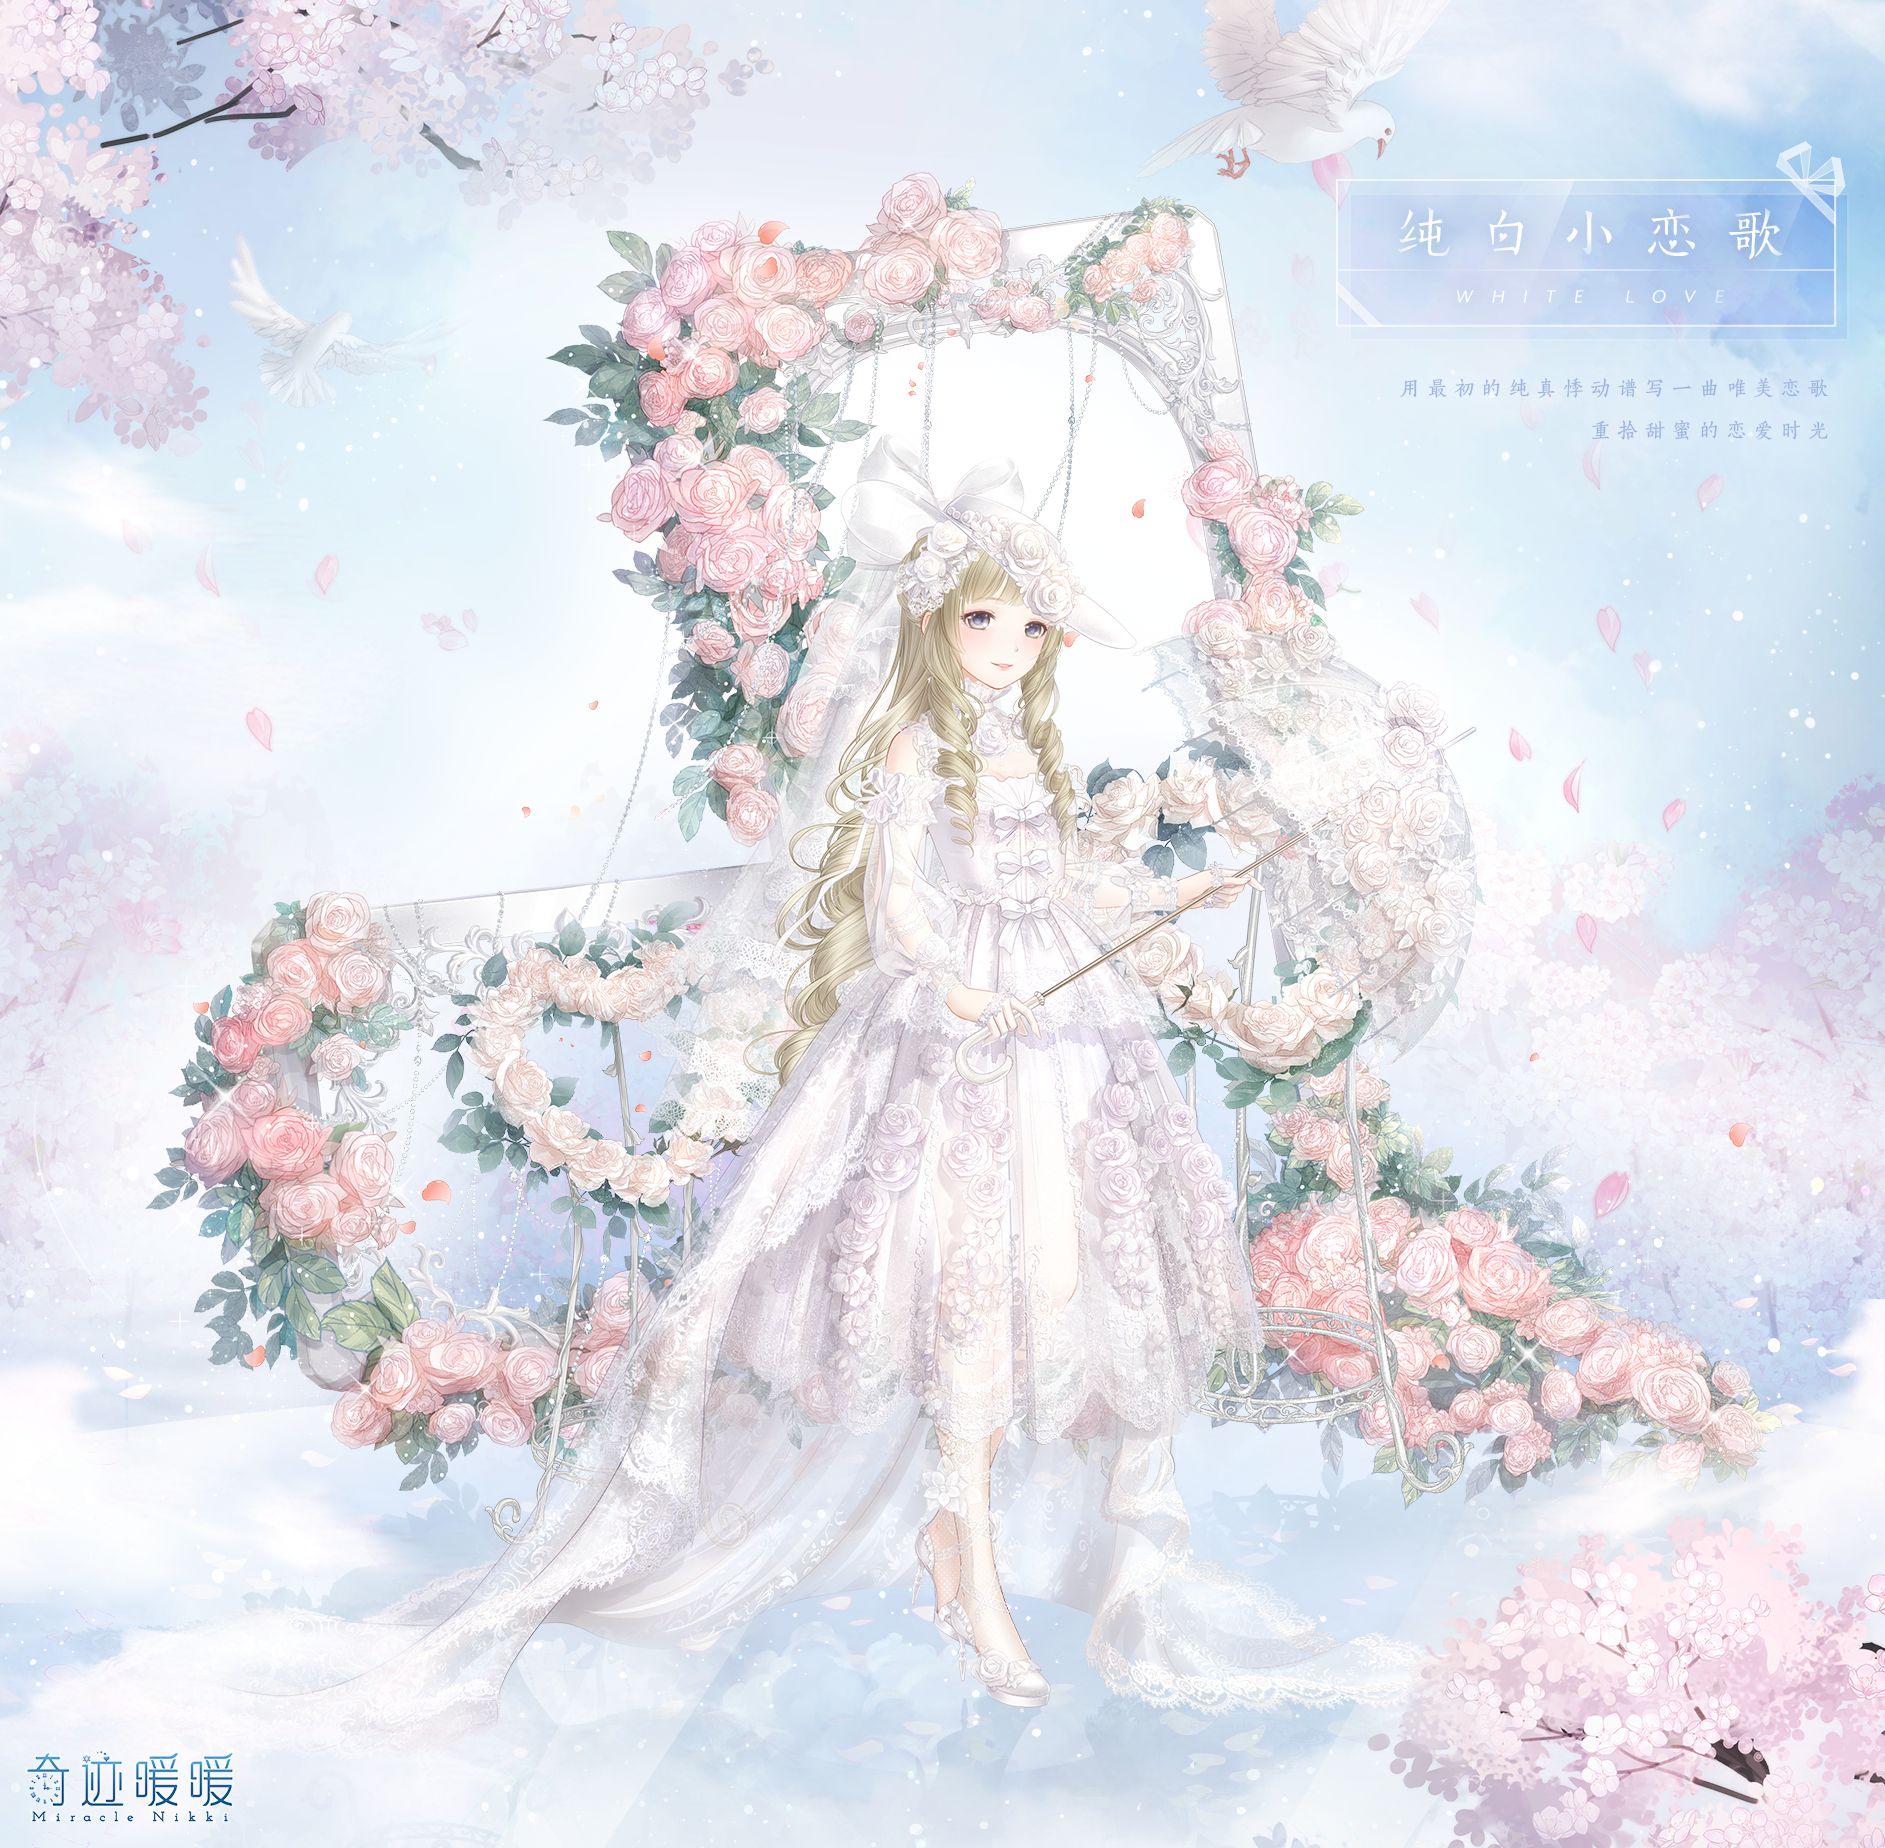 Miracle Nikki - Wedding Dress - March 2018 | Nikki & Natsume Series ...